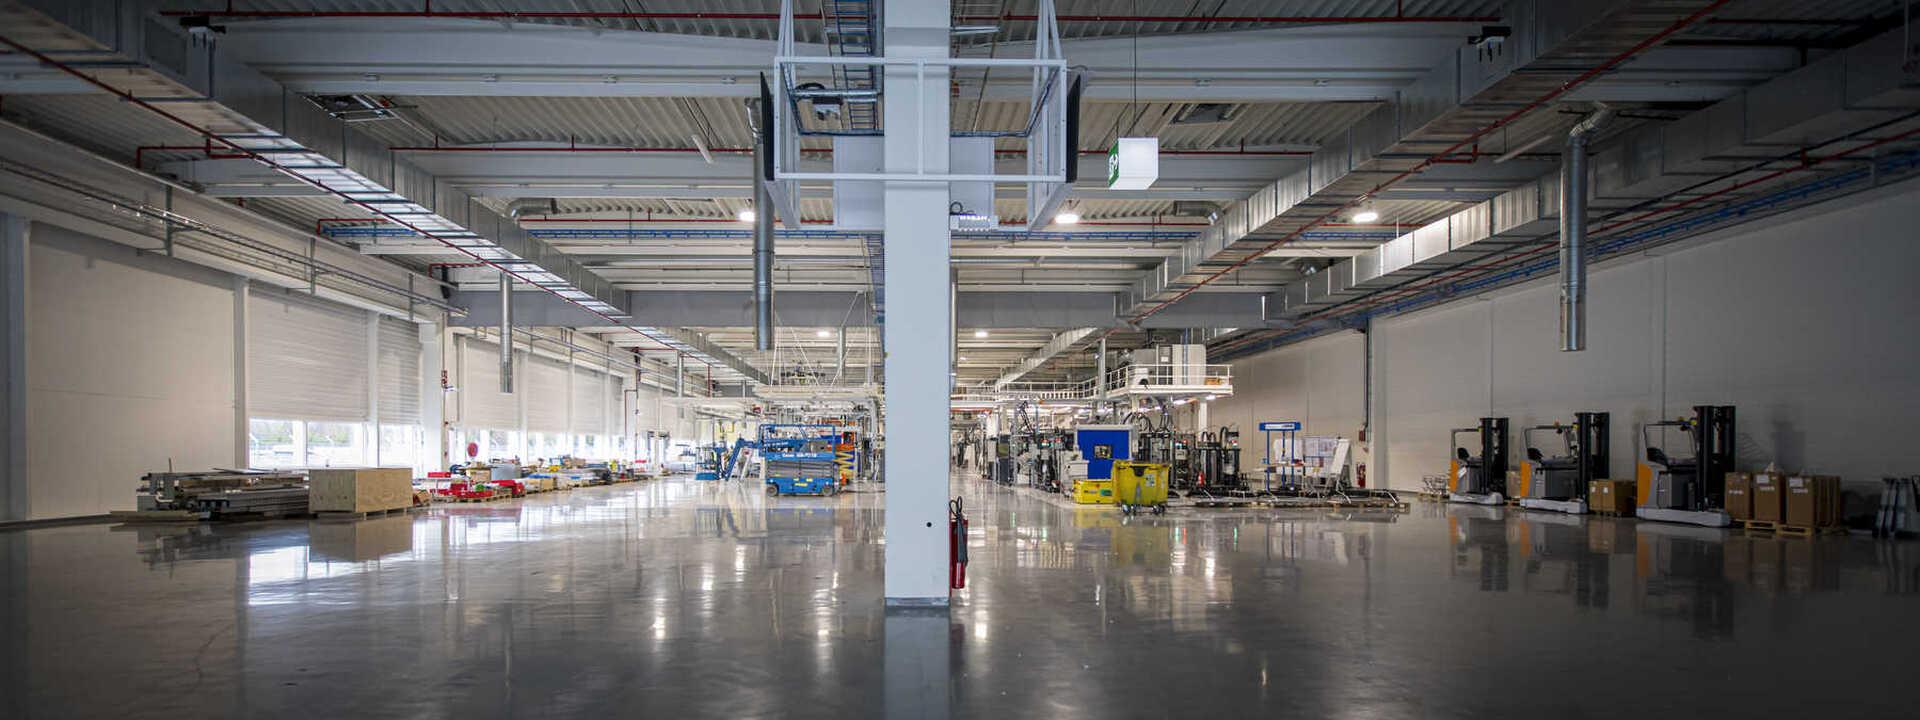 Coronavirus noopt Volvo Car Gent tot productiestop